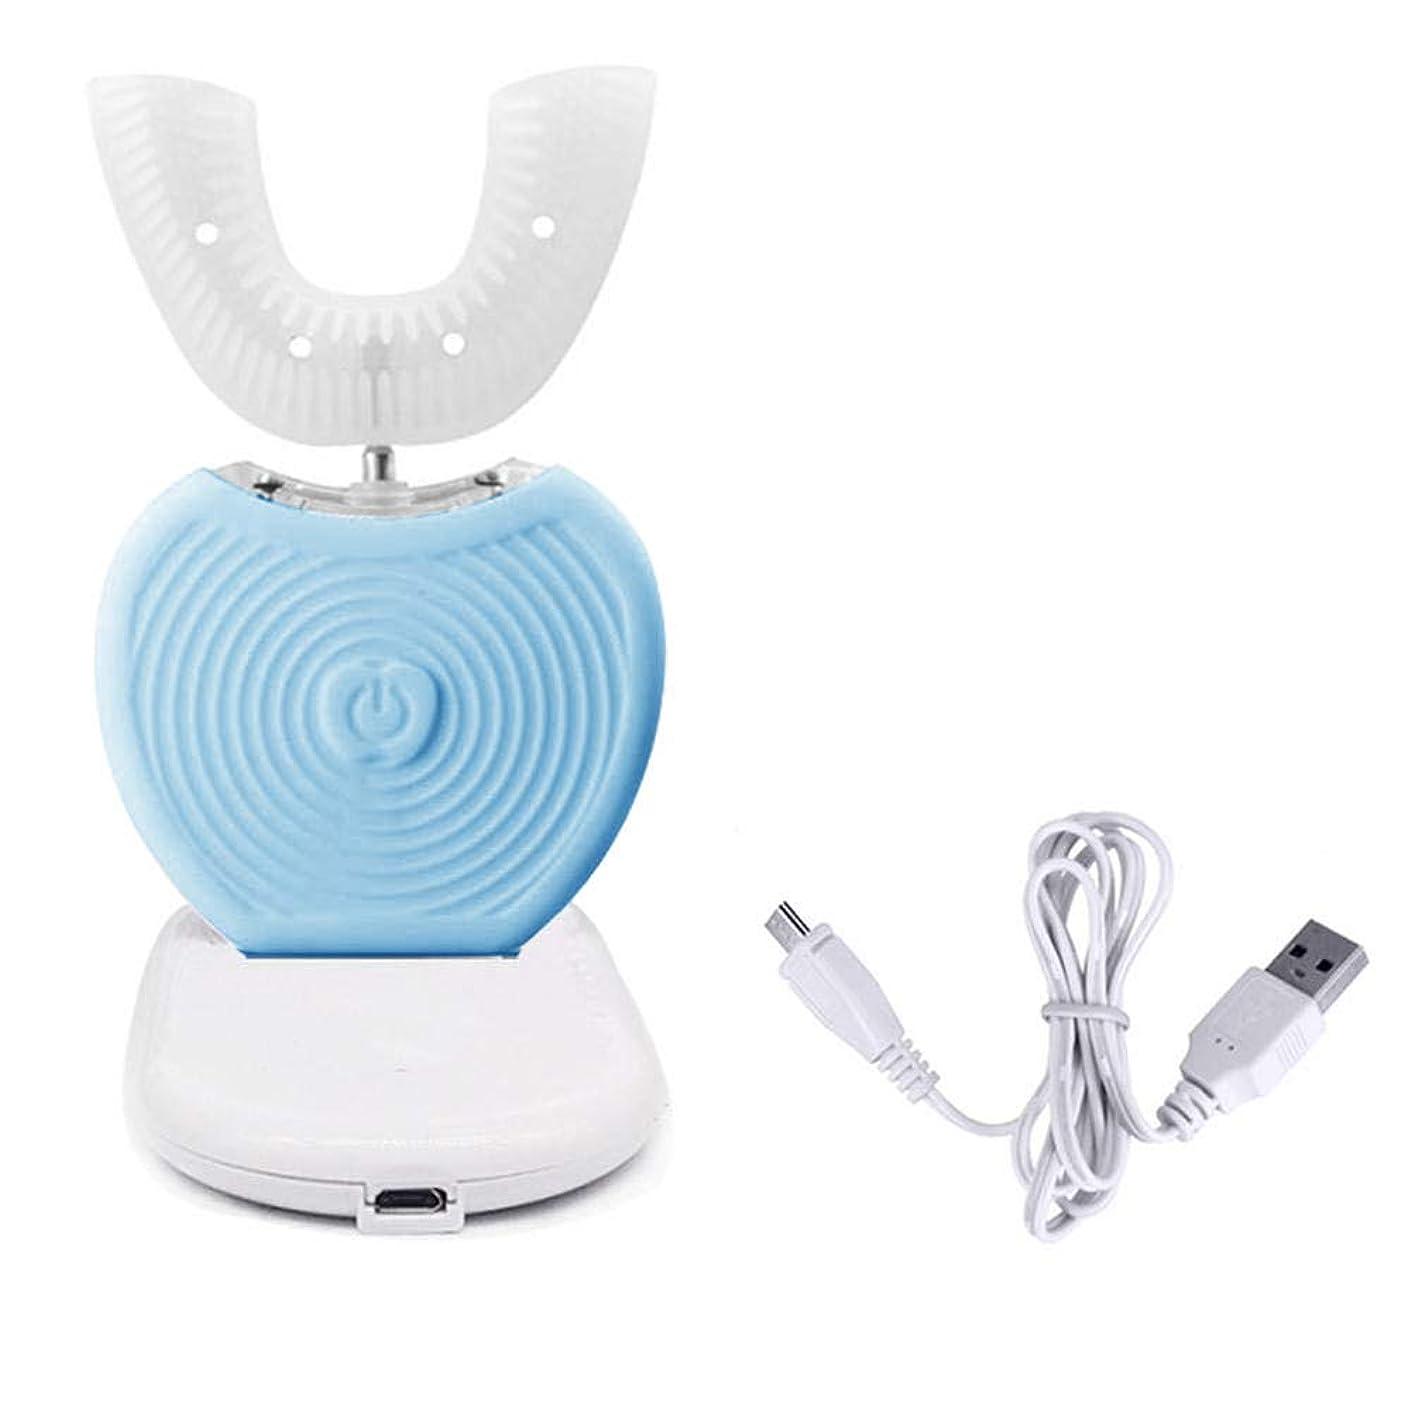 工業化する関係ない放つU型電動歯ブラシ 電動歯ブラシ IPX7防水 自動超音波 オールラウンドクリーニング ソニック振動歯ブラシ